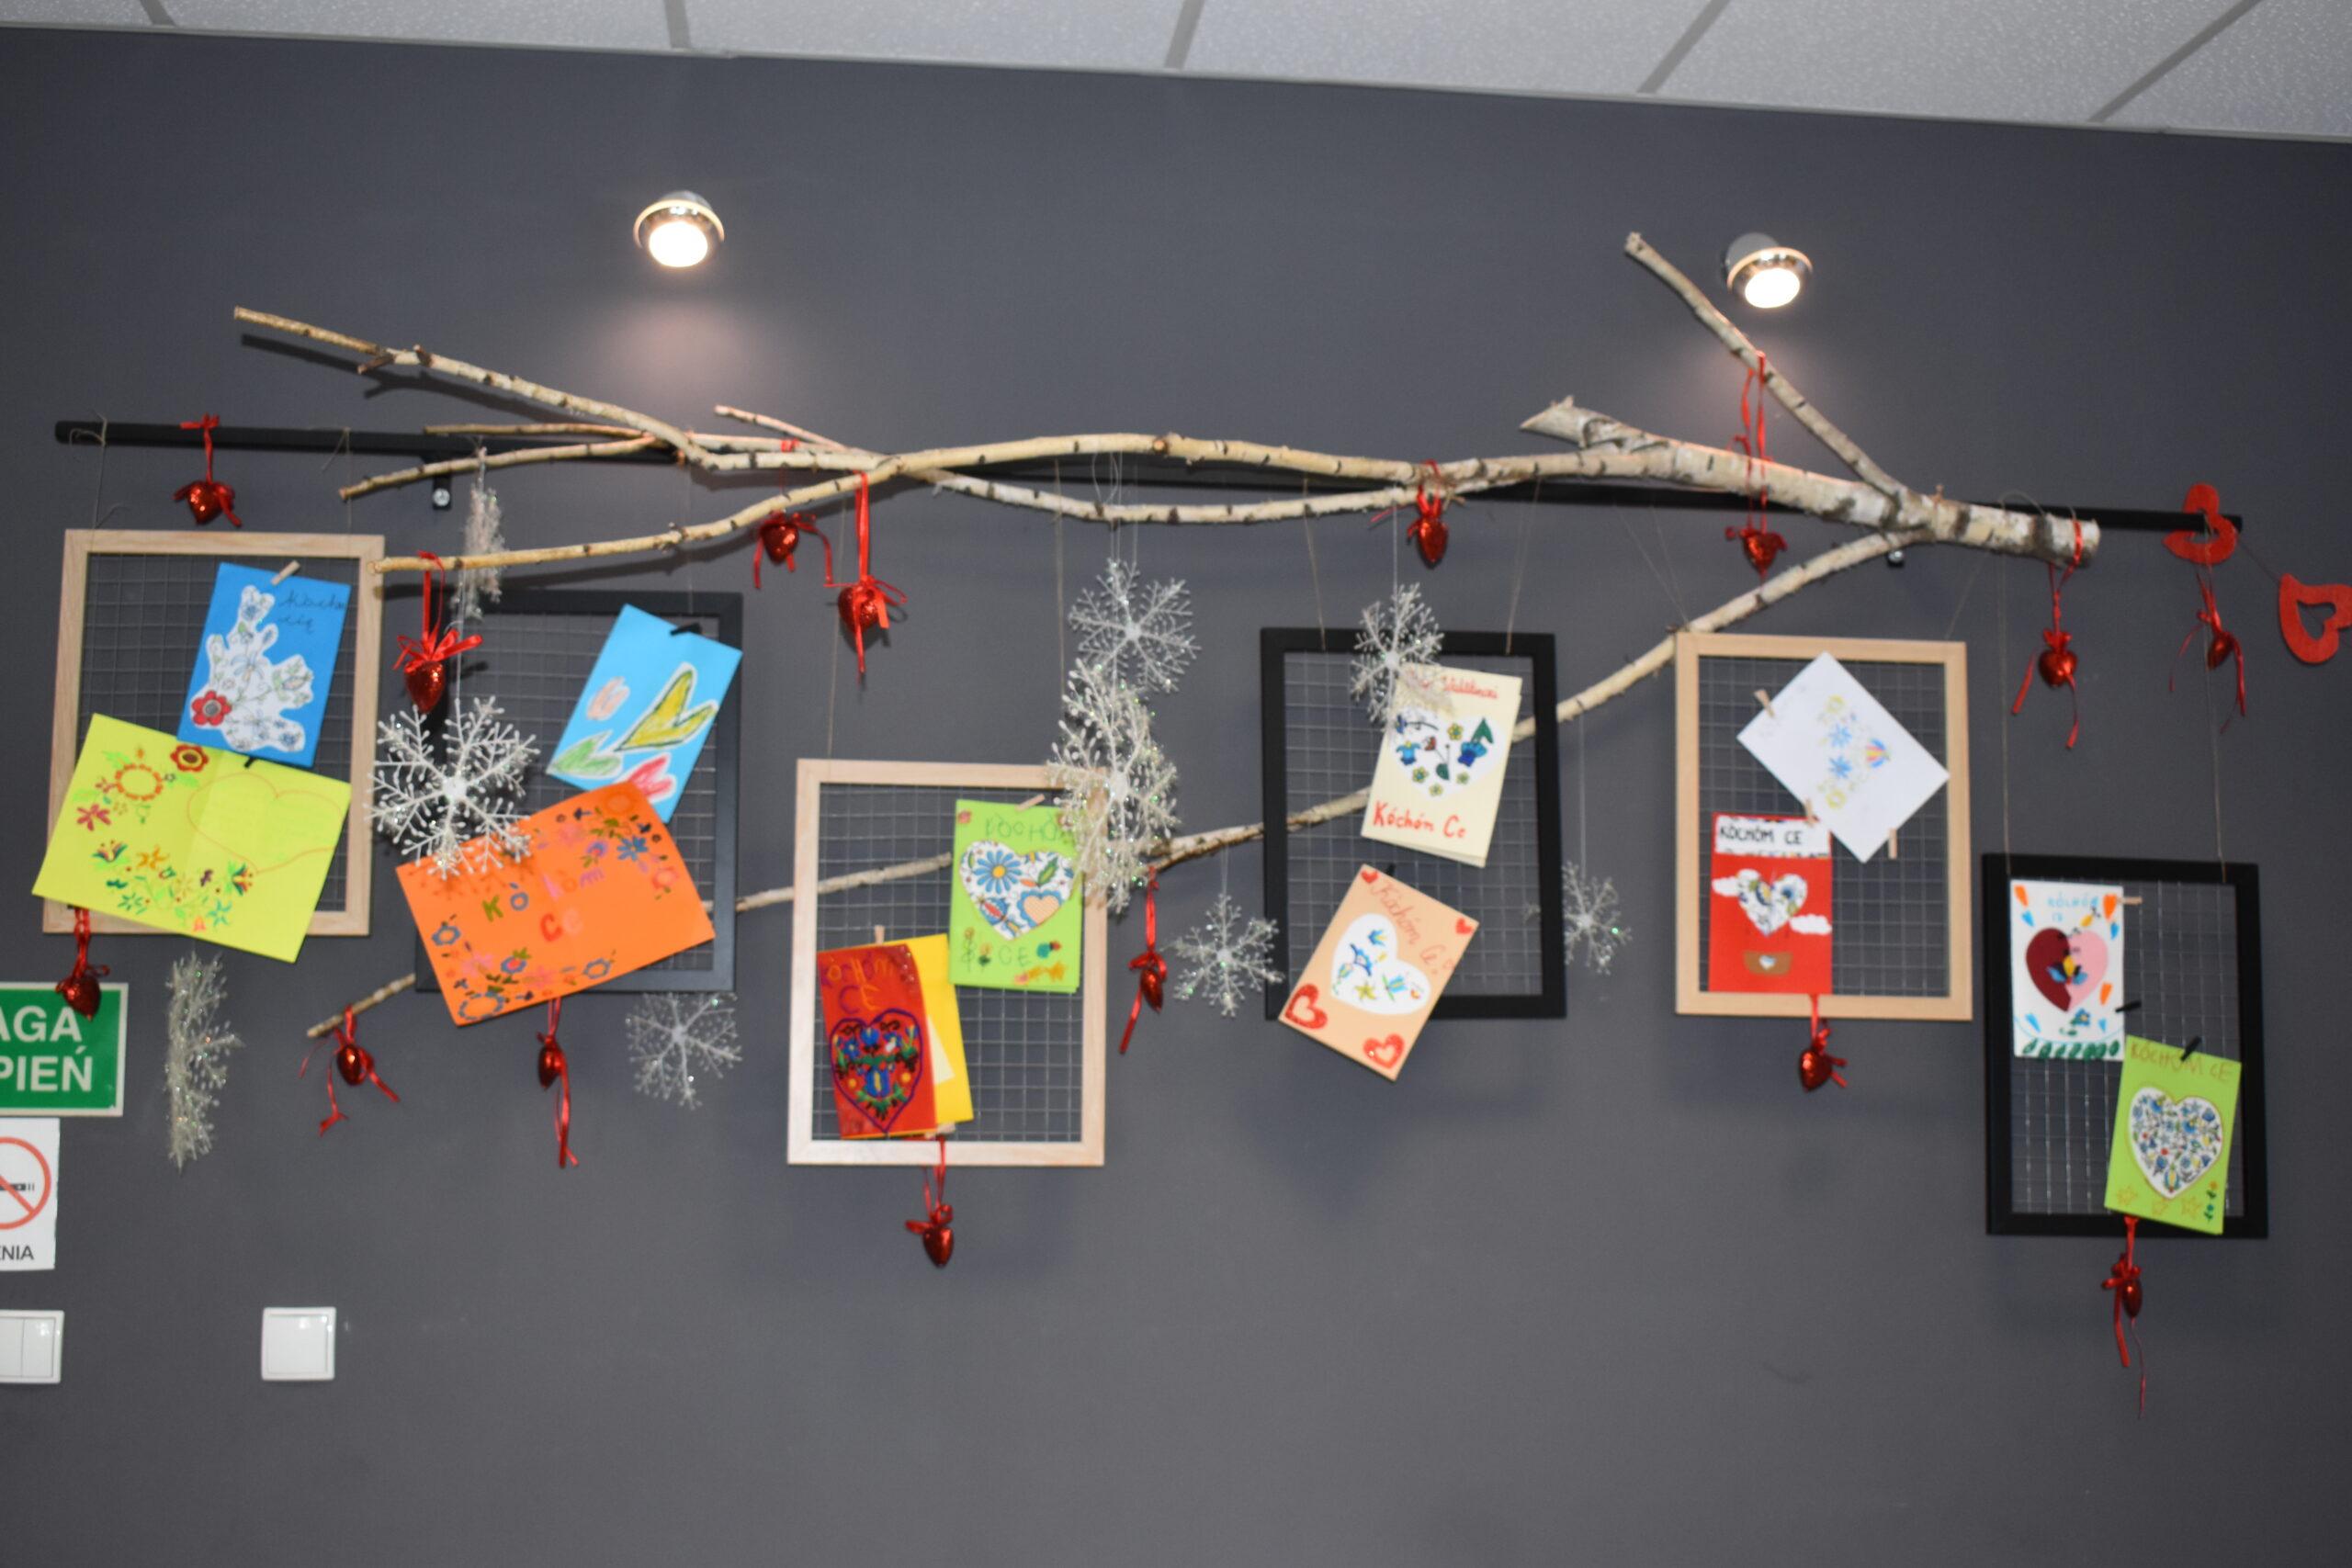 Zdjęcia 12 walentynek, które są obwwieszone na gałęzi, obok prac widać czertwone serduszka, również zawieszone na gałęzi. Wszystko to jest na granatowej ścianie